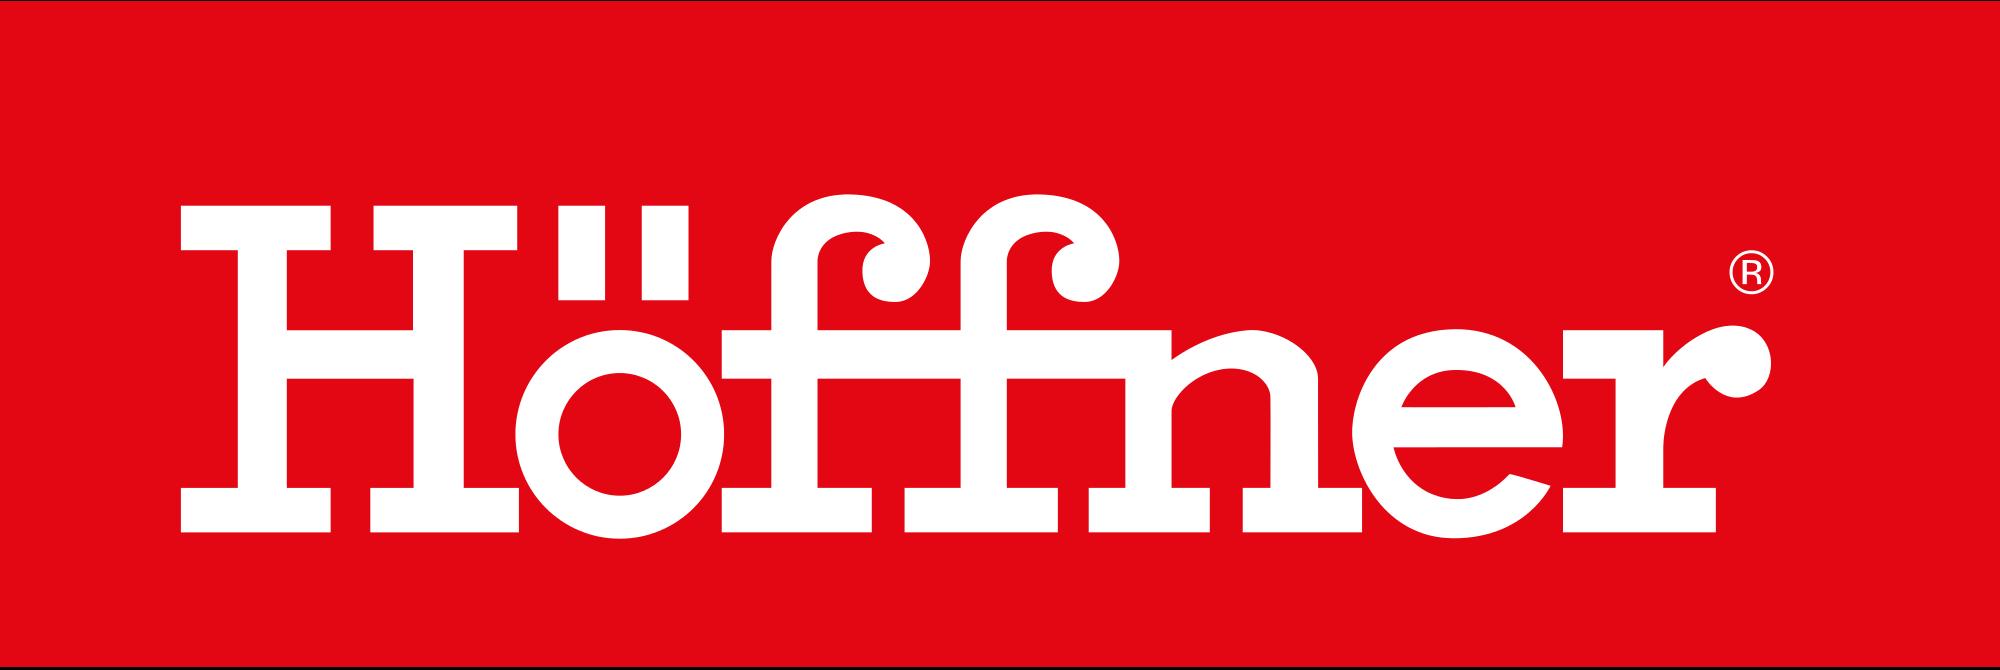 hoffner-logo